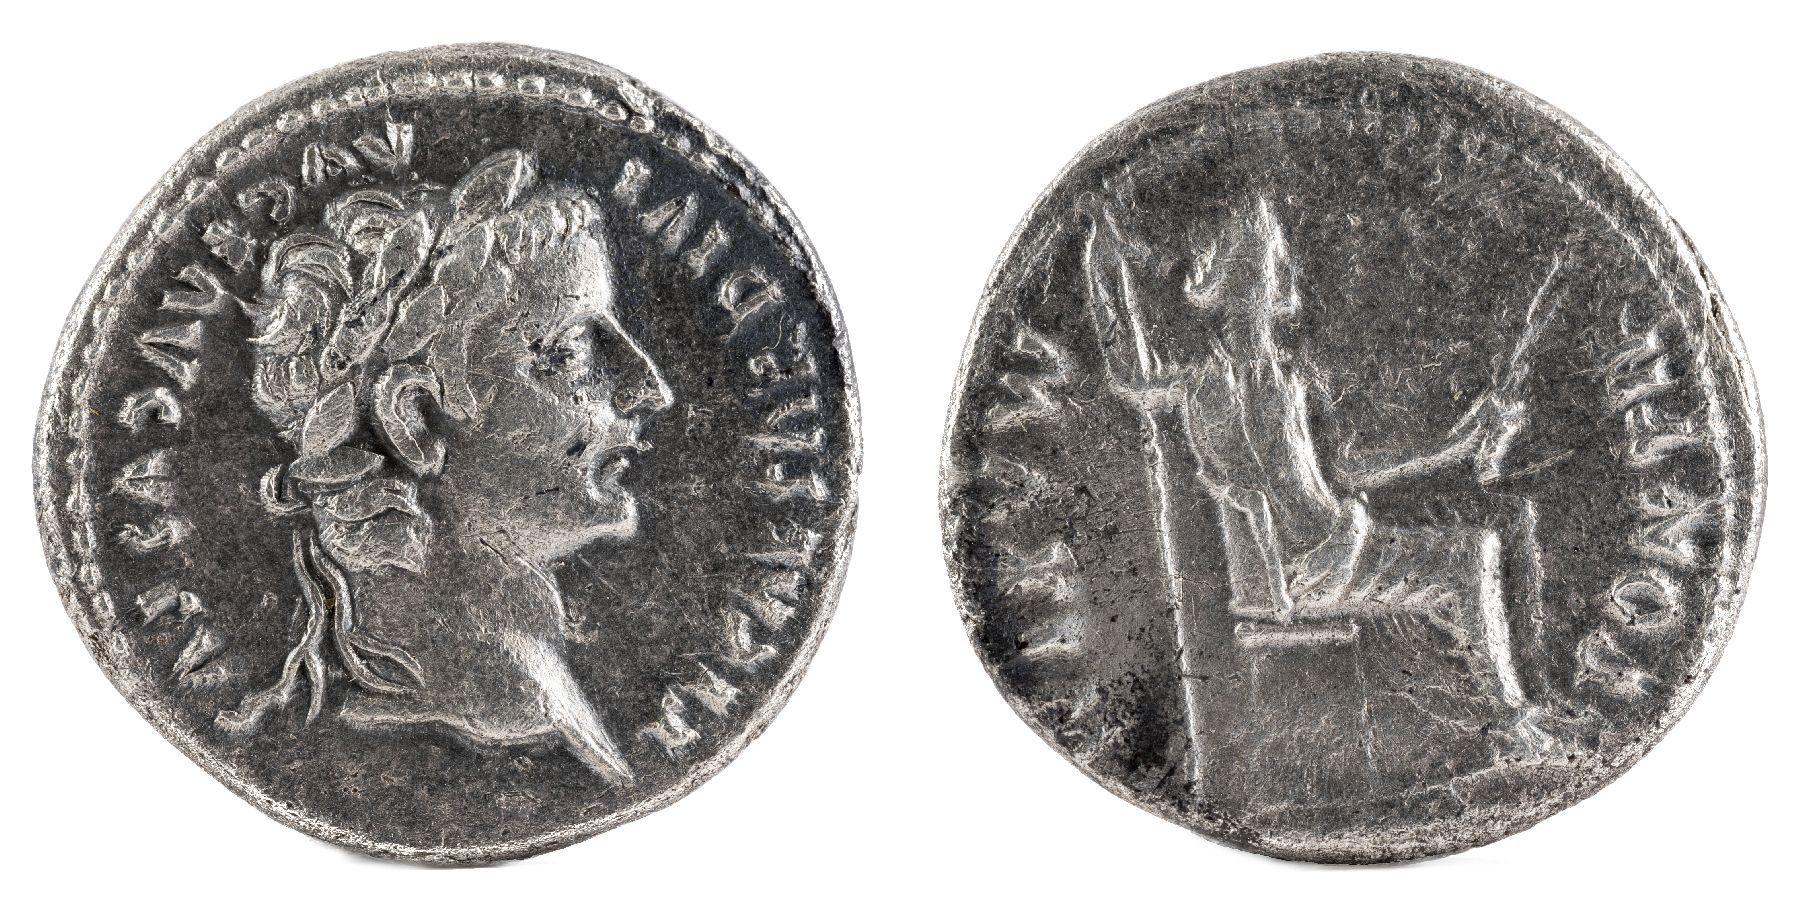 Ancient Roman Silver Denarius Coin of Emperor Tiberius